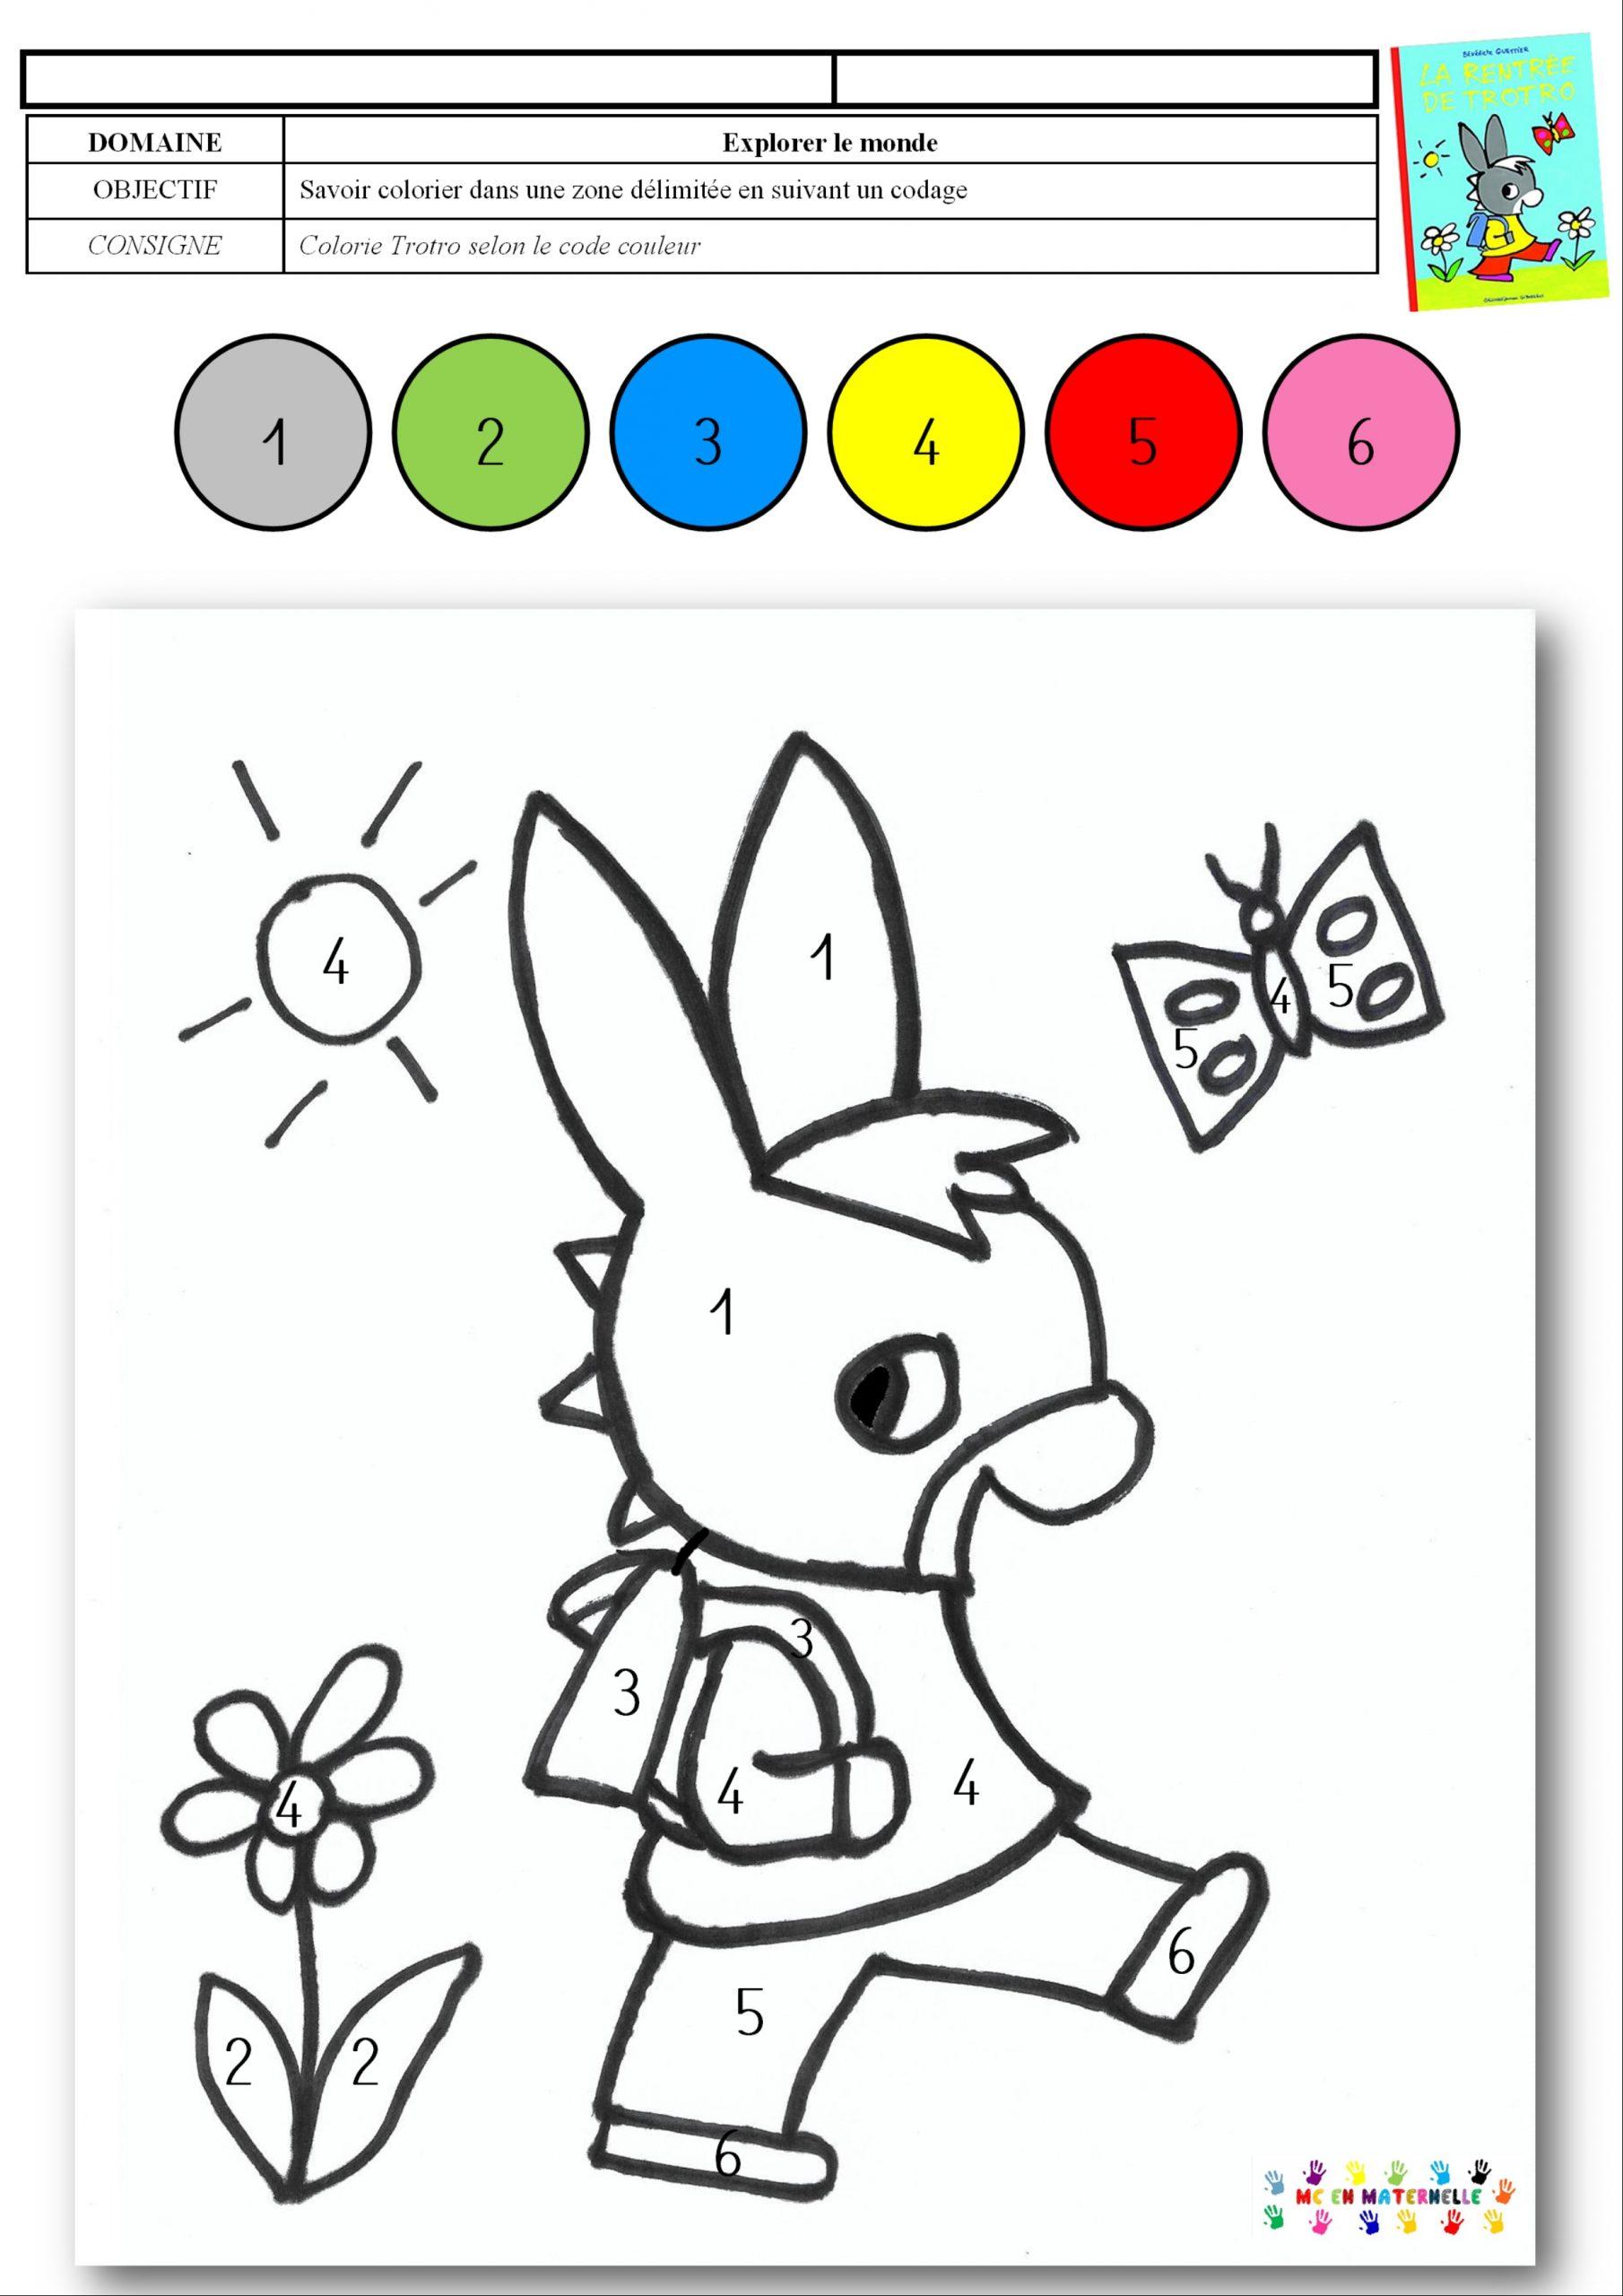 La Rentrée De Trotro : Coloriage Magique – Mc En Maternelle serapportantà Coloriage Corps Humain Maternelle